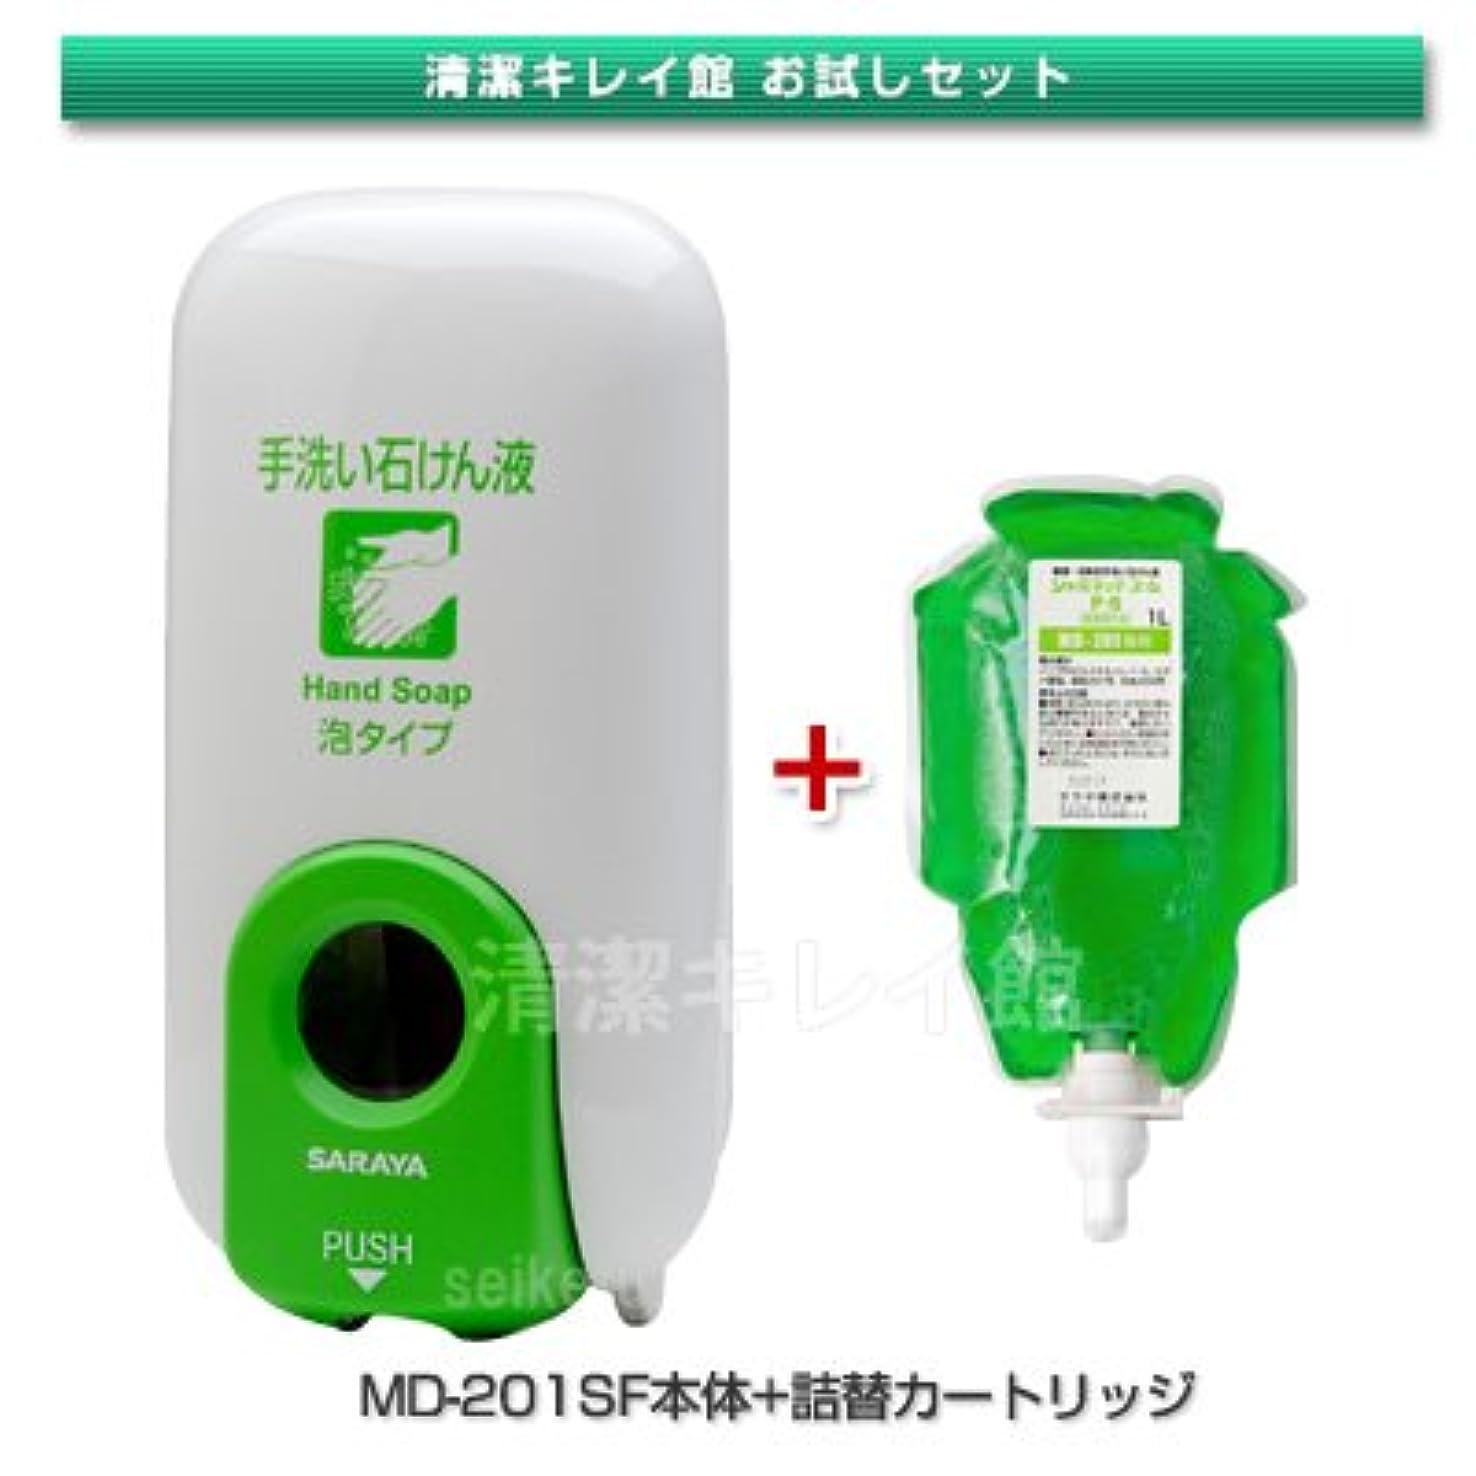 問題バレエスラムサラヤ プッシュ式石鹸液 MD-201SF(泡)【清潔キレイ館お試しセット】(本体とカートリッジ/ユムP-5)